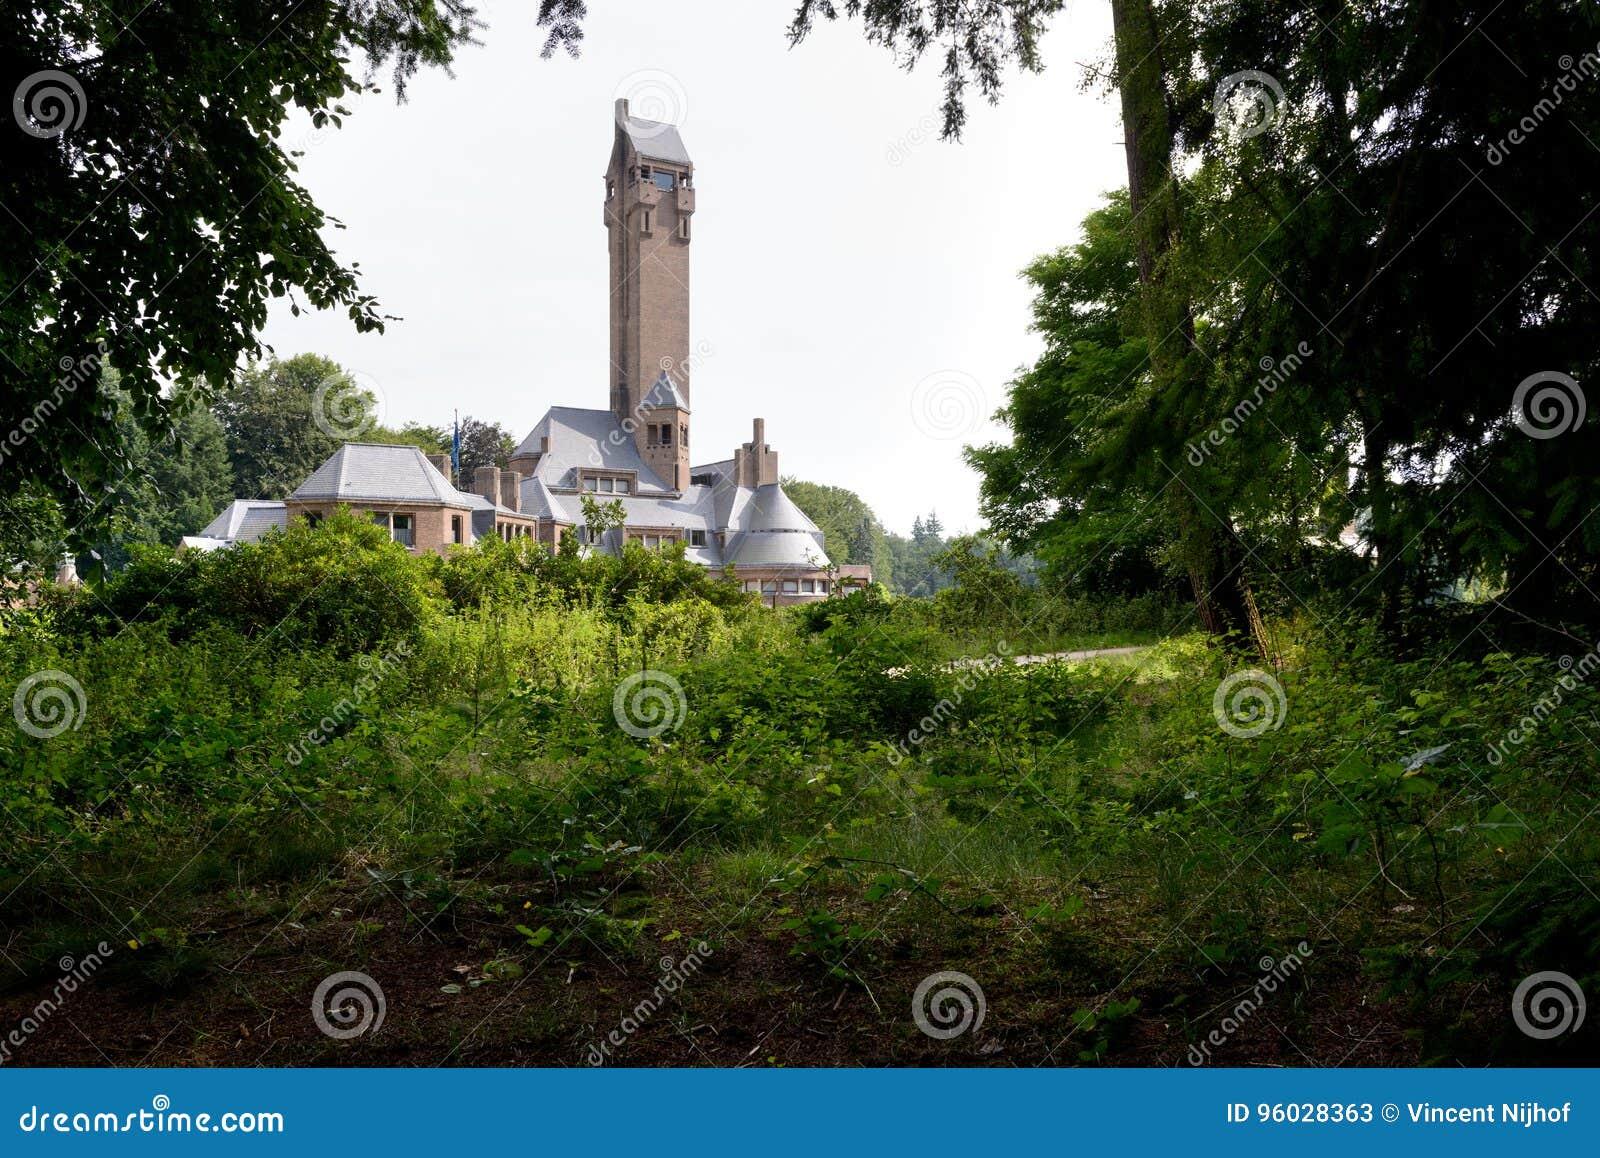 Stróżówki St Hubertus architekt Berlage holandie